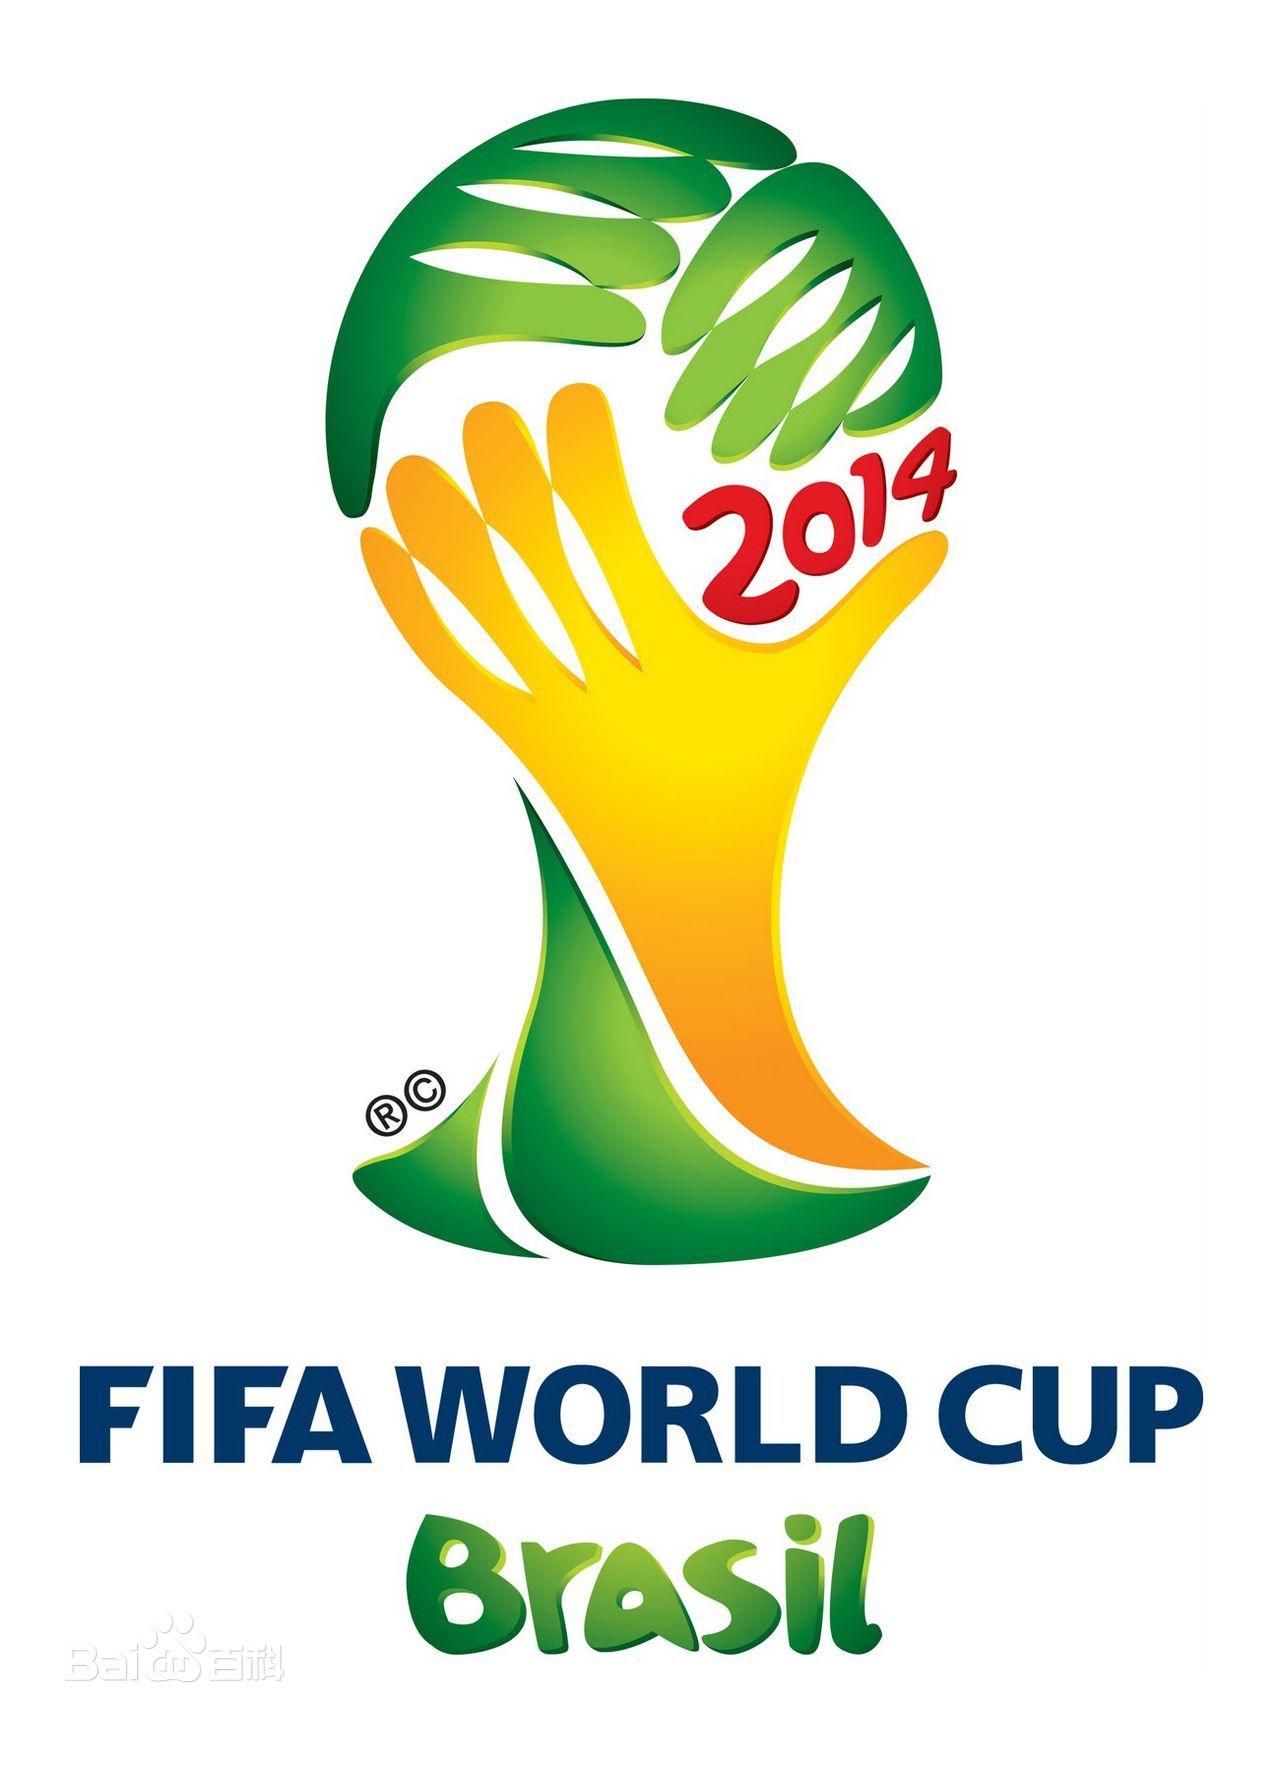 世界杯期间的营销策划方案